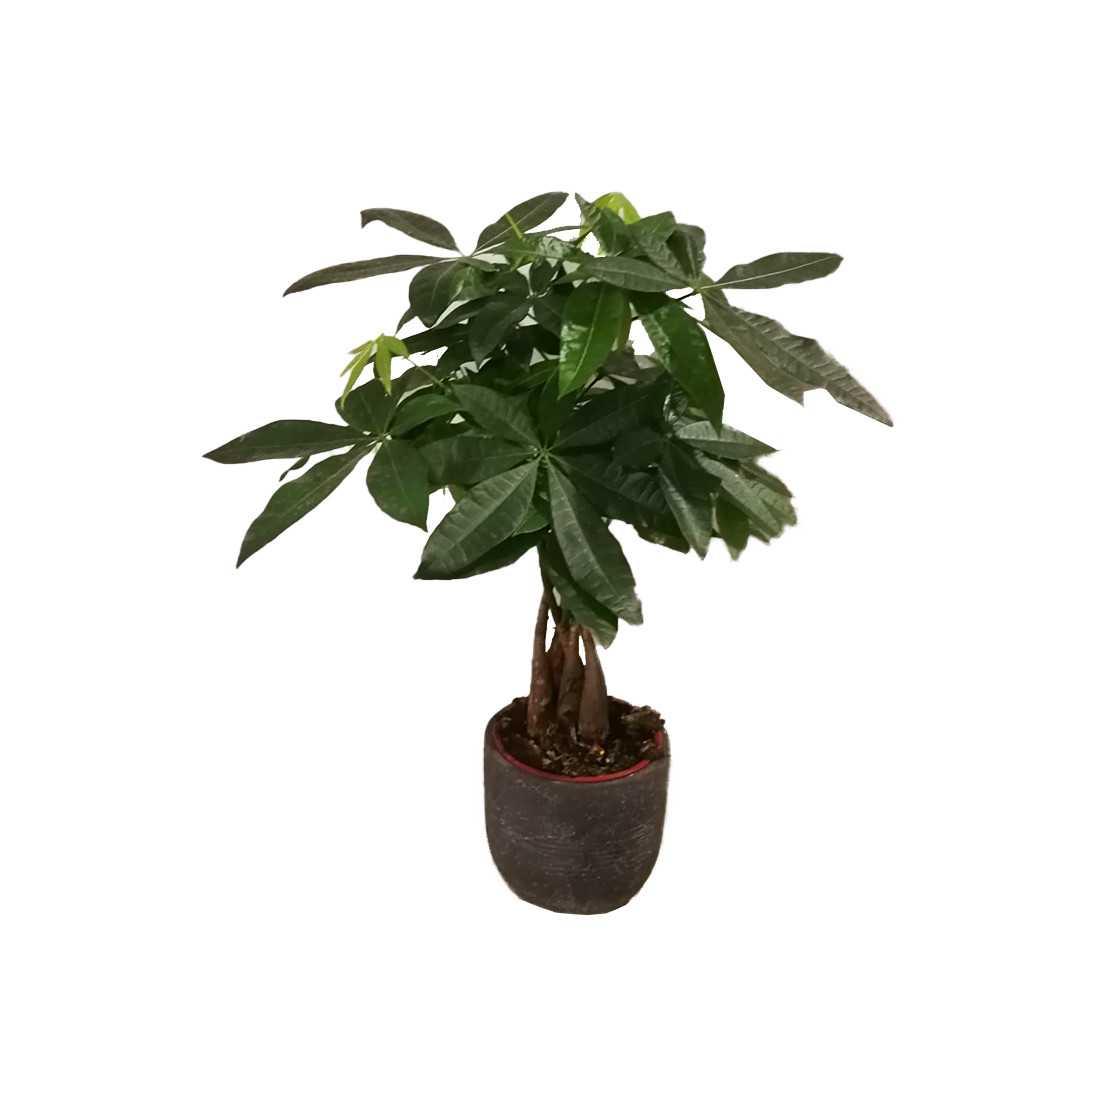 Pachira Acquatica h c.a 60cm shop online